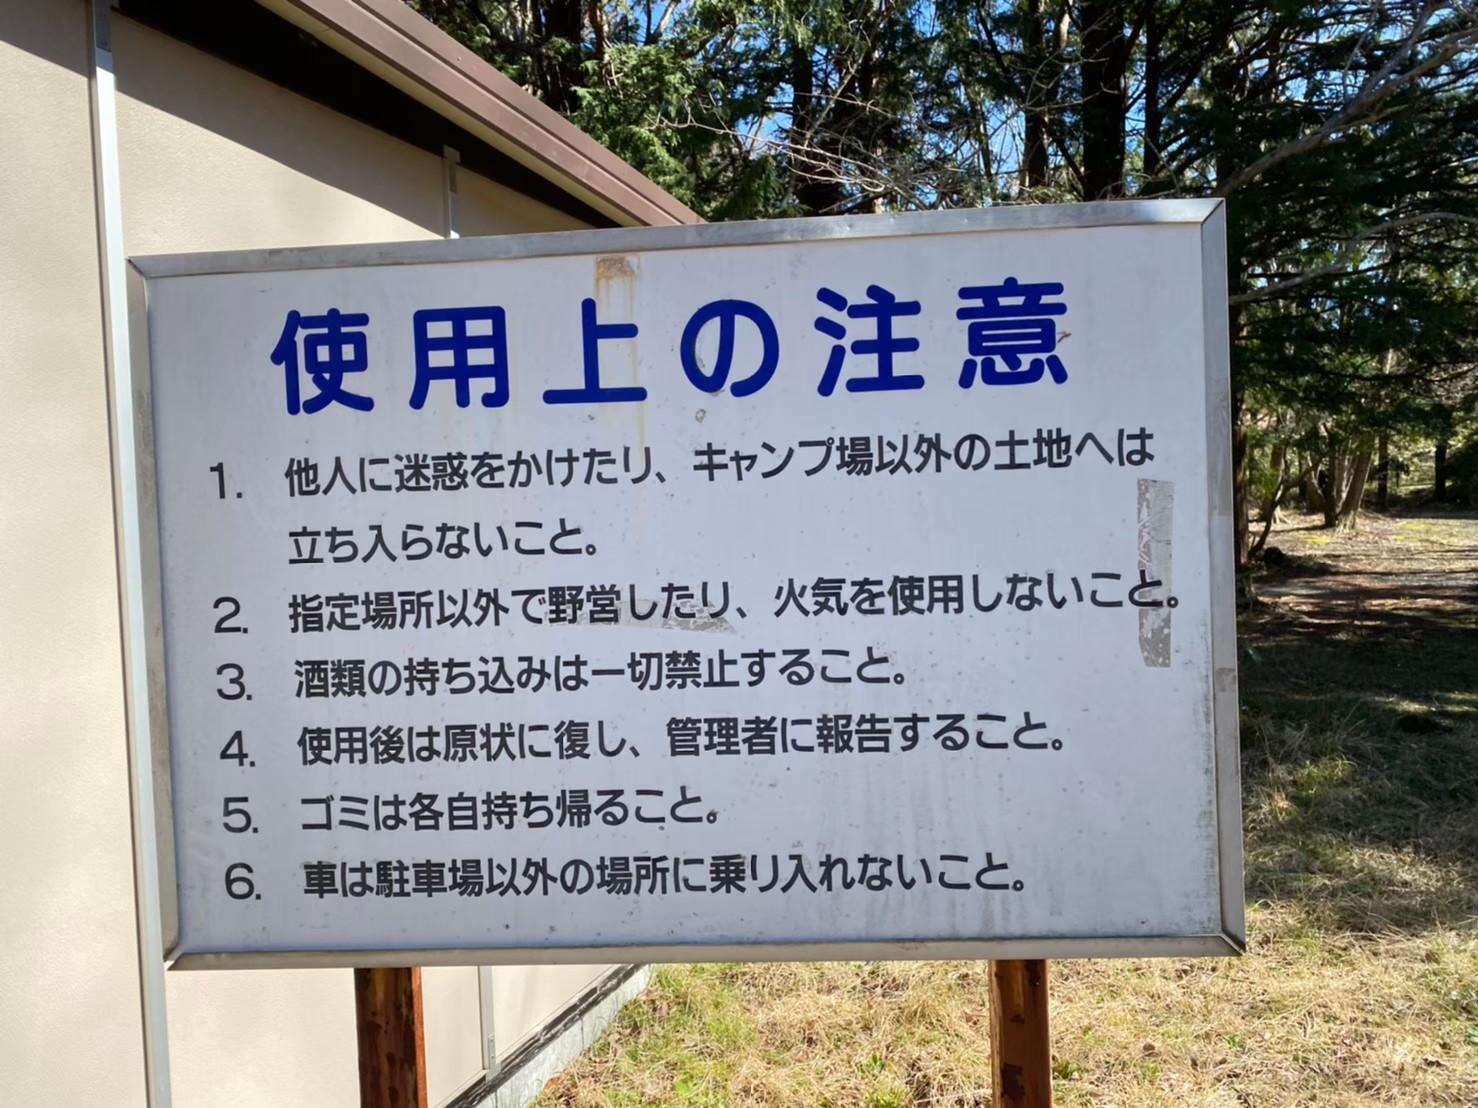 【静かで無料!伊豆】『伊東市青少年キャンプ場』の情報まとめ(駐車場・トイレ)